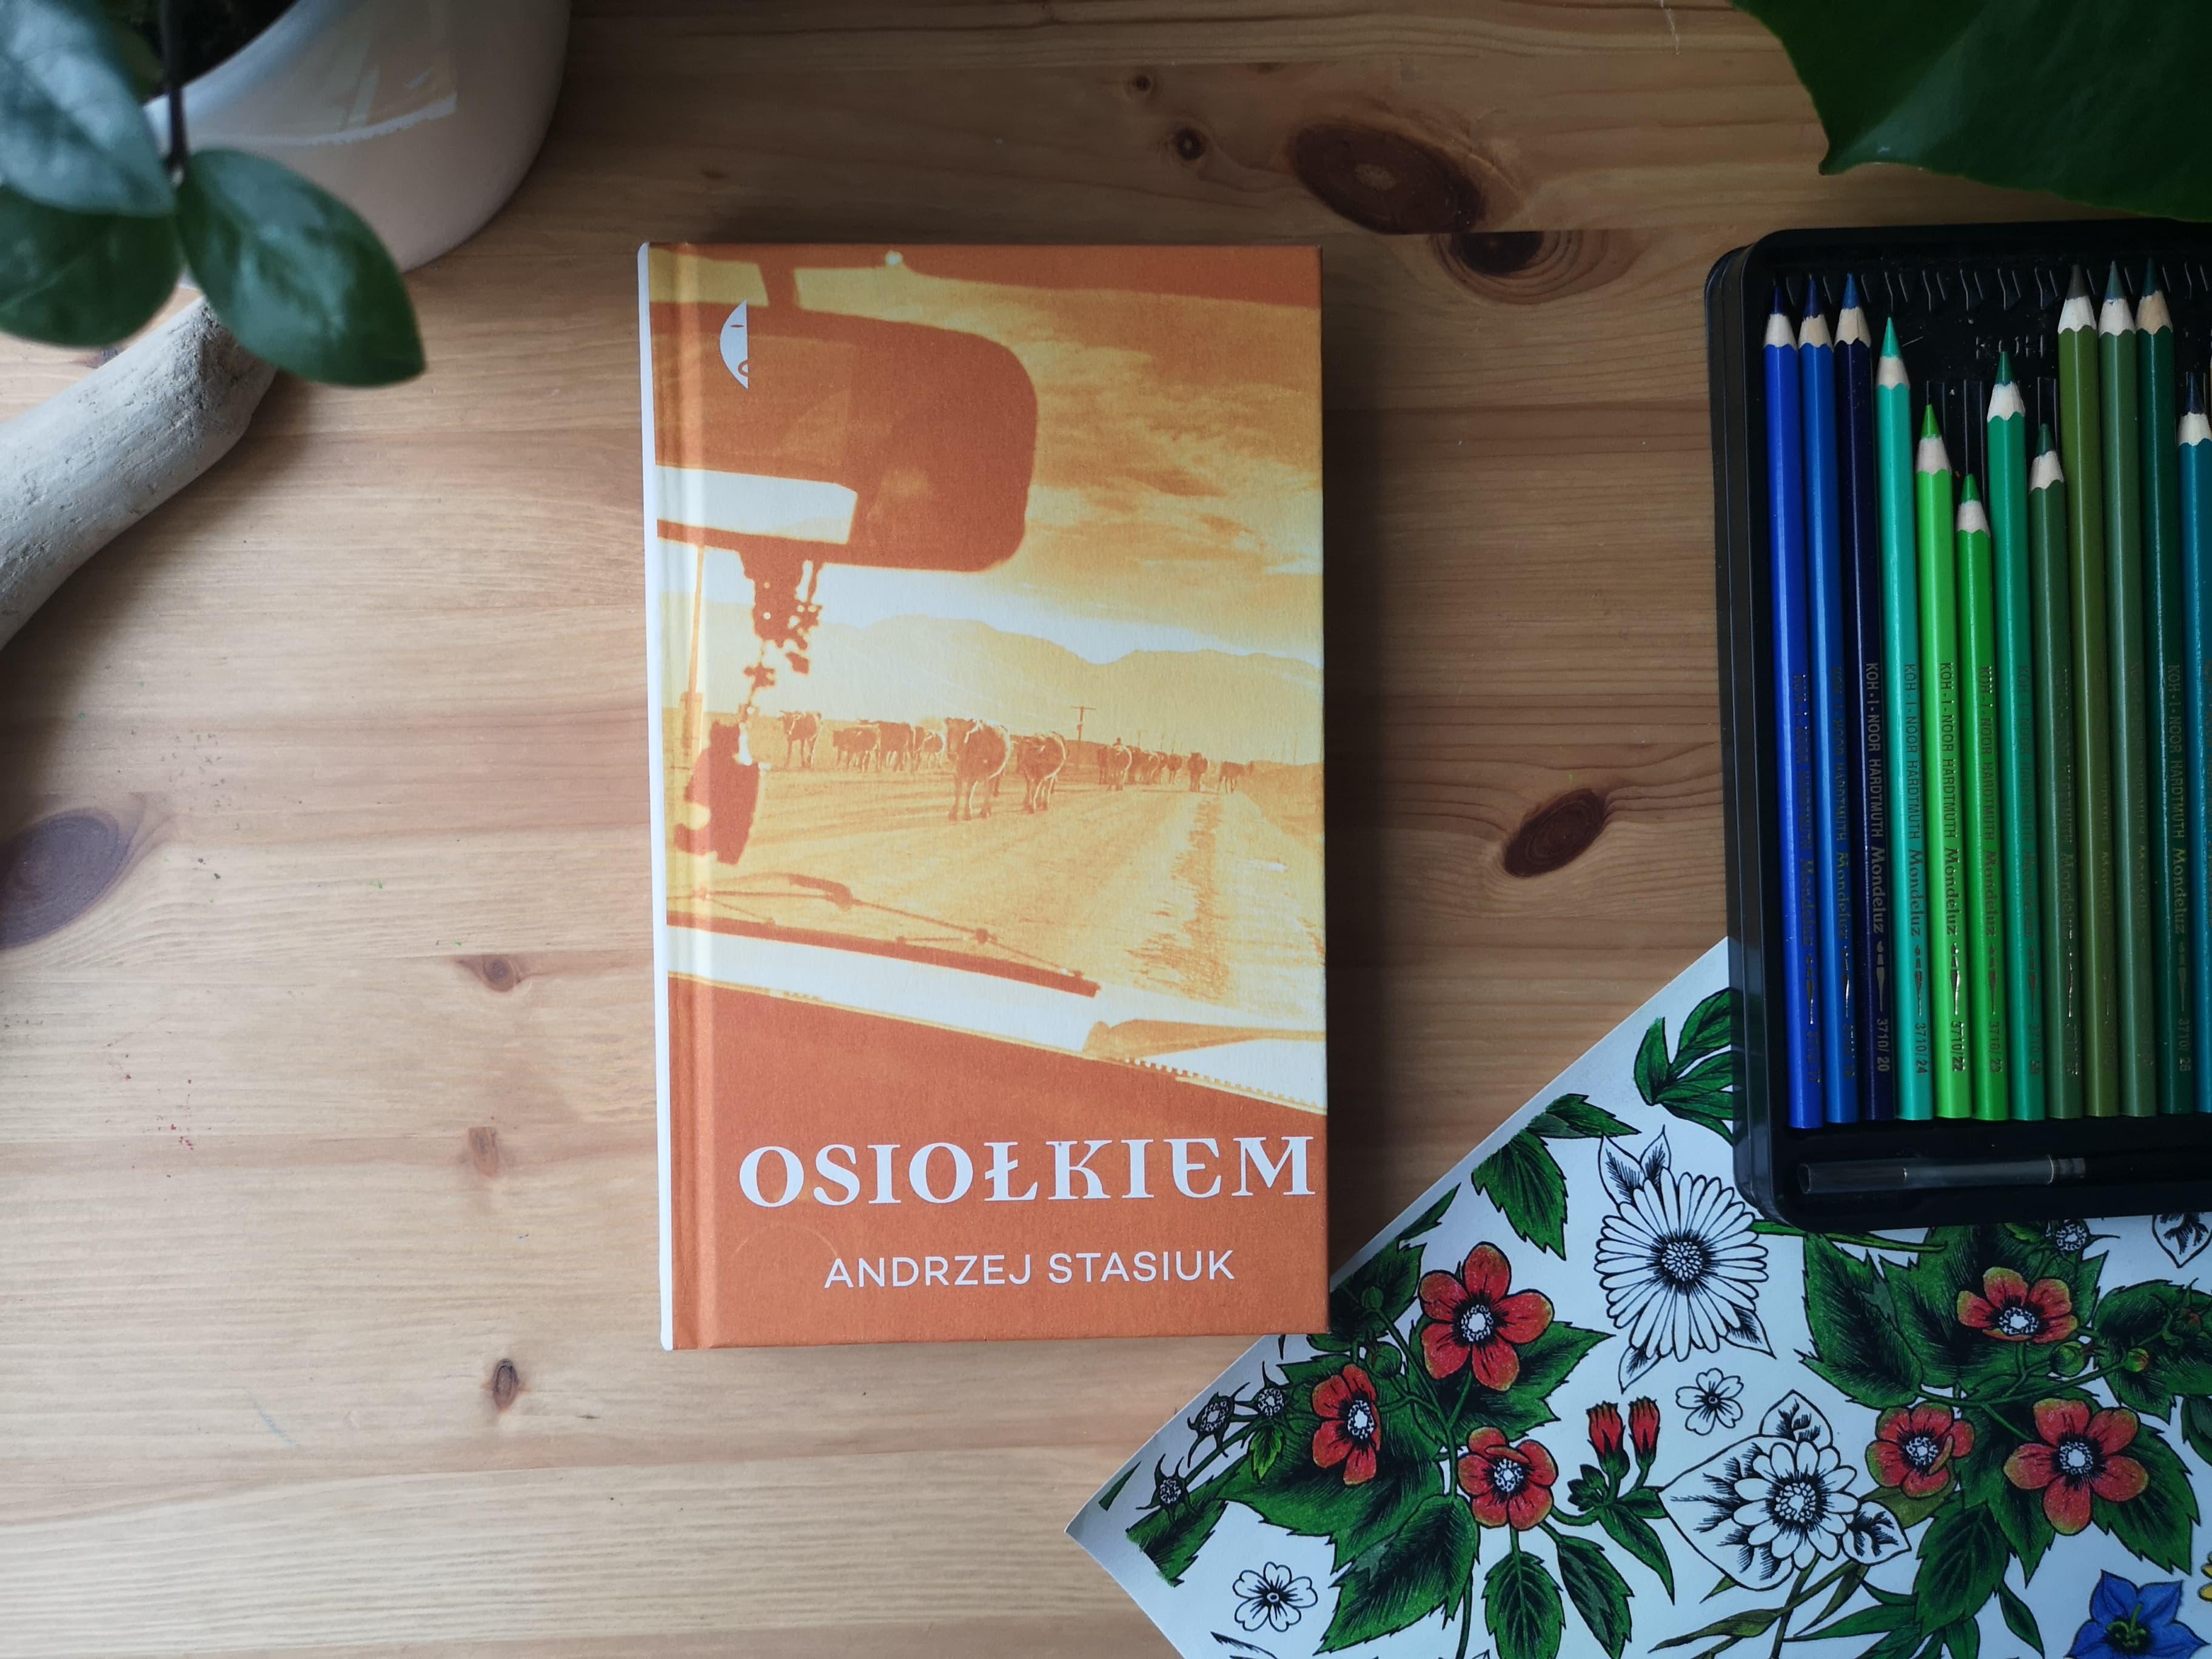 """""""Osiołkiem"""" Andrzej Stasiuk. Fot. Archiwum Biblioteki gdynia"""